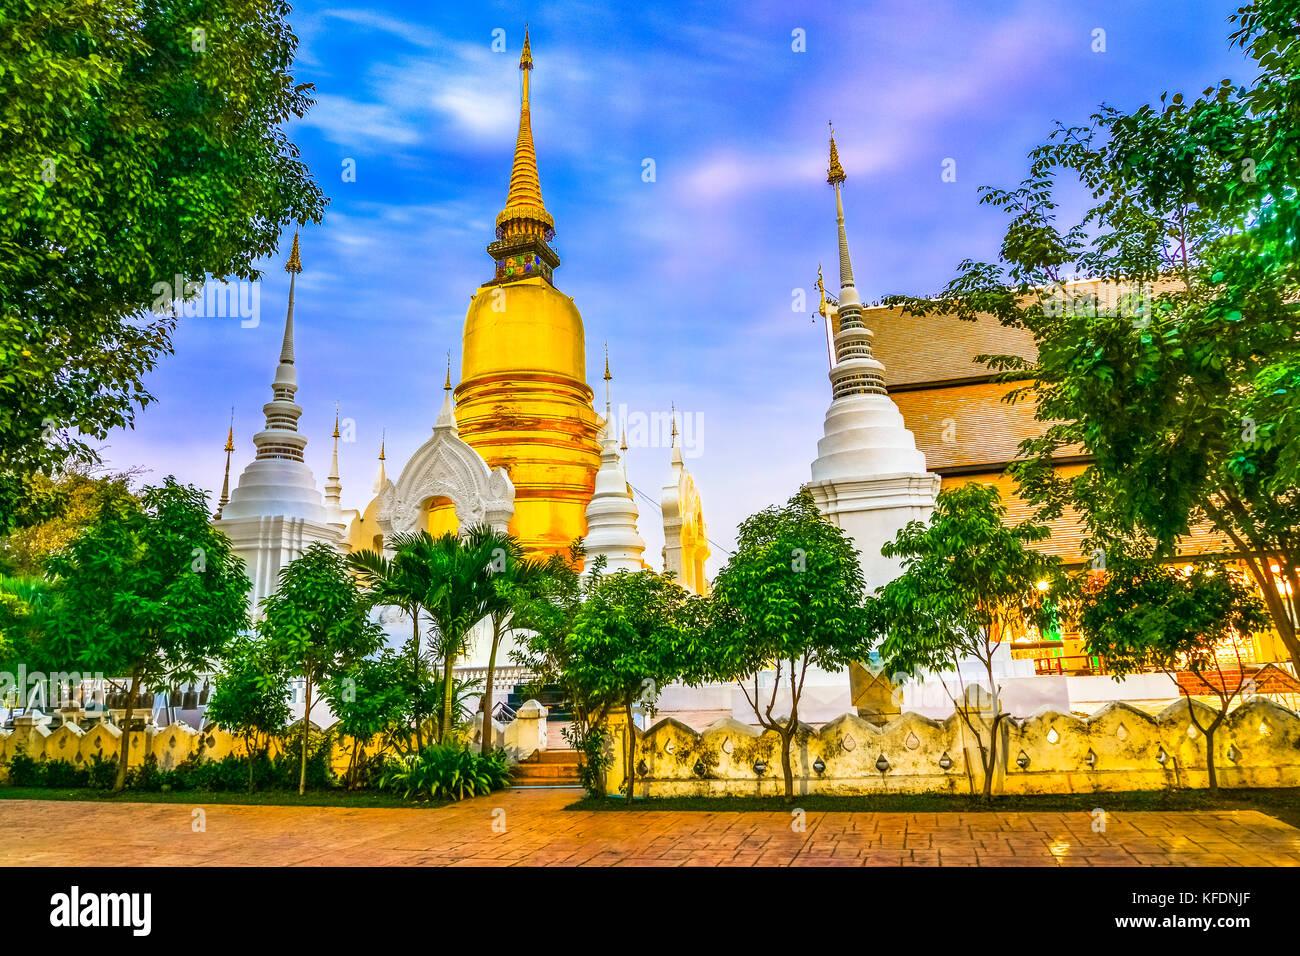 Wat Suan Dok, un temple bouddhiste, Wat Chiang Mai, dans le nord de la Thaïlande. C'est un temple royal Photo Stock